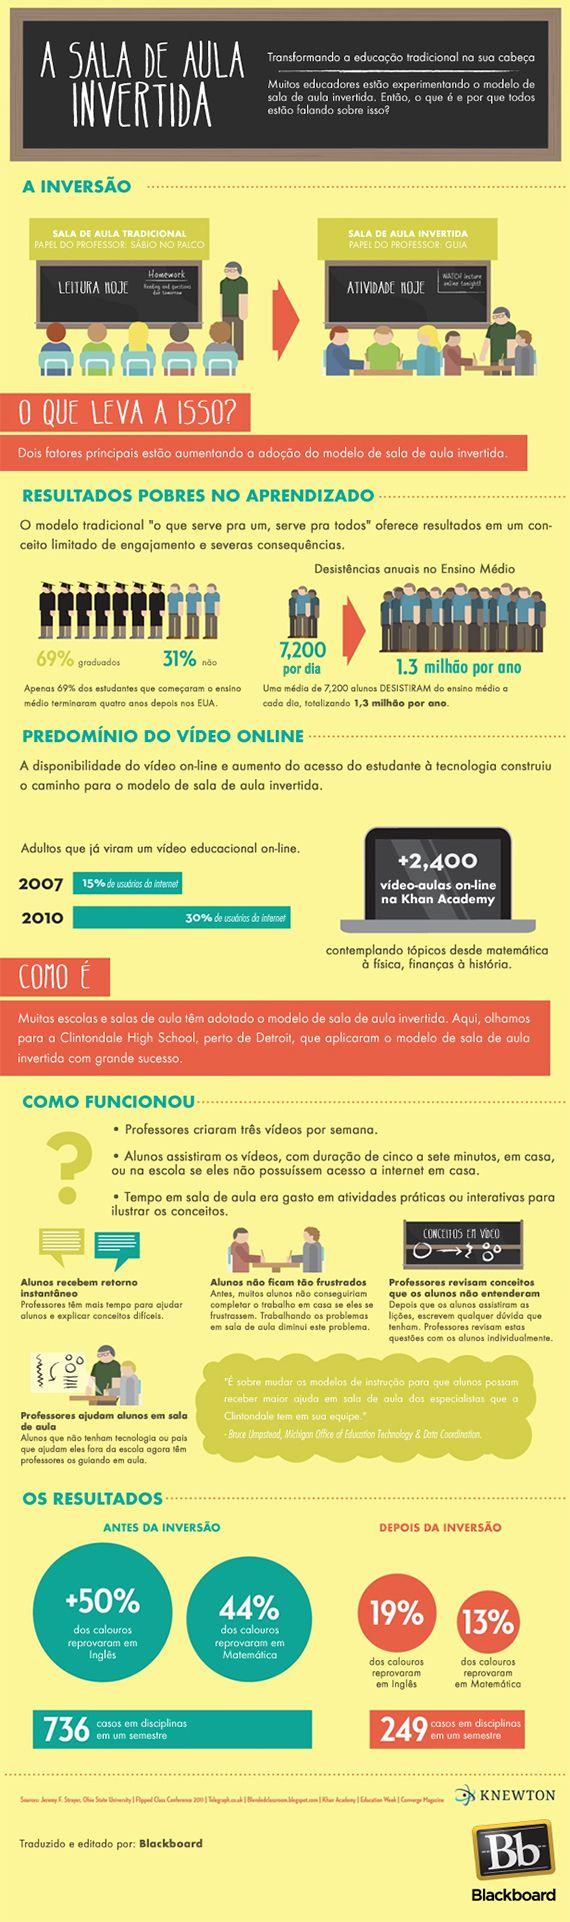 Infográfico: como funciona a Sala de Aula Invertida